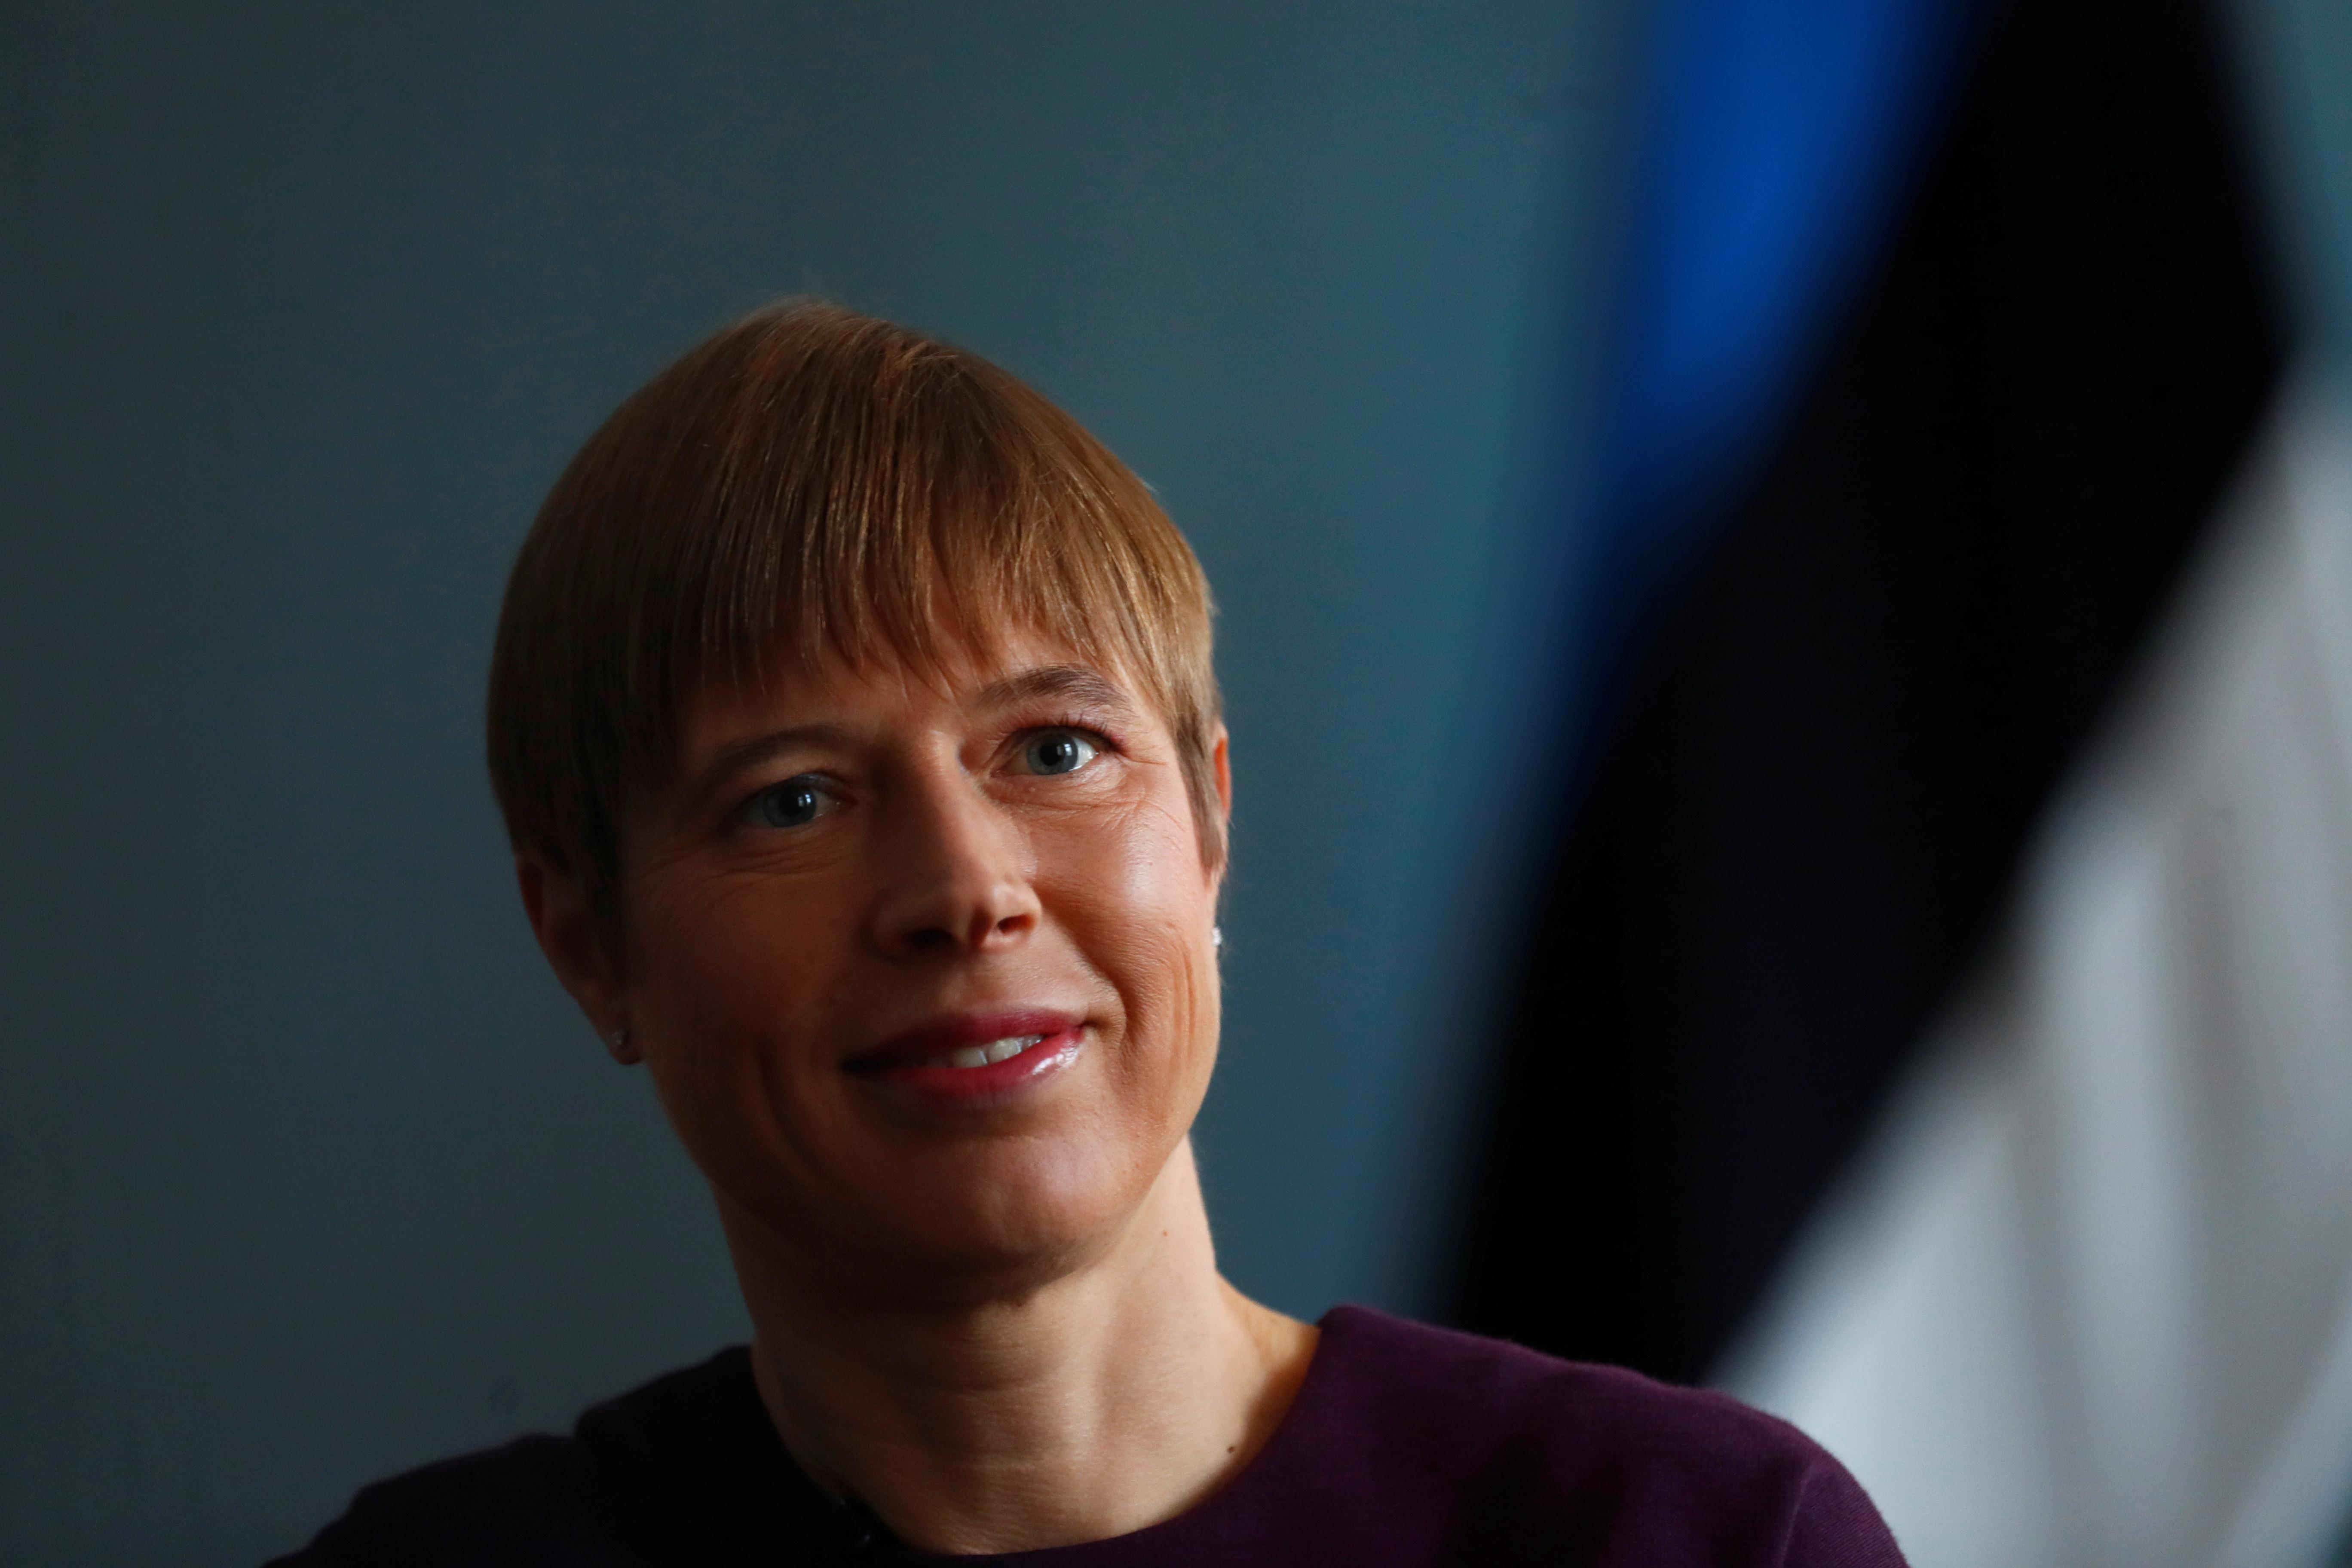 Presidente estónia encontra-se com Putin em rara visita à Rússia